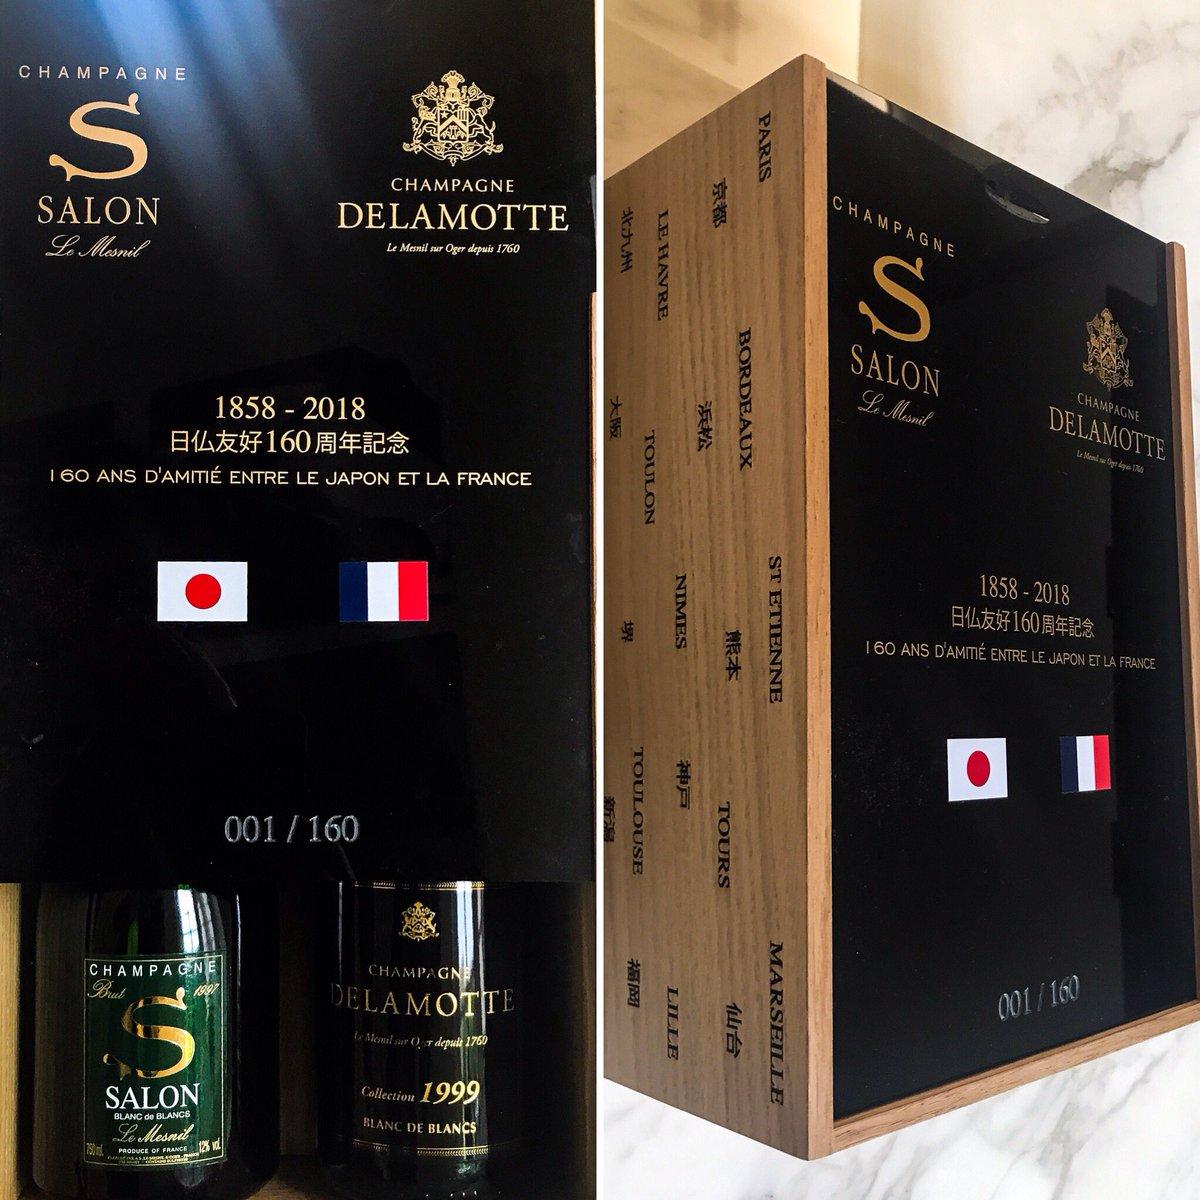 Salon Champagne | Delphine Revillon Champagne Had Honor To ...